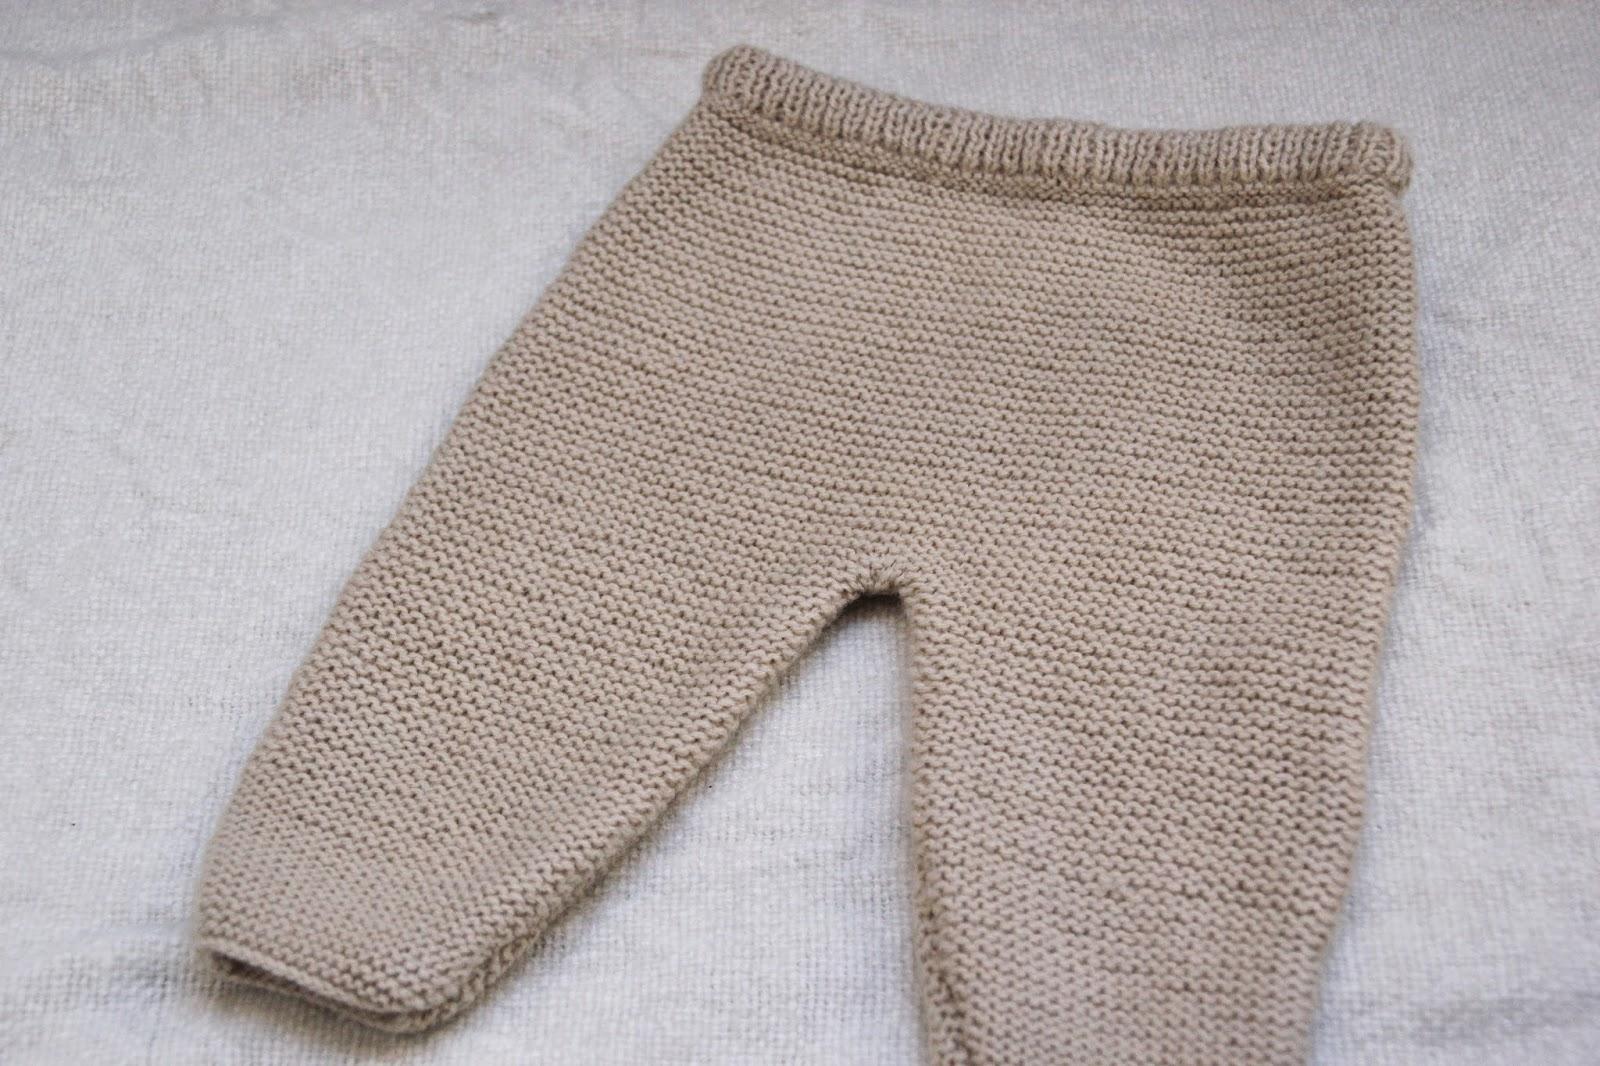 Maquina de coser buscar jersey nino dos agujas - Lanas y punto ...